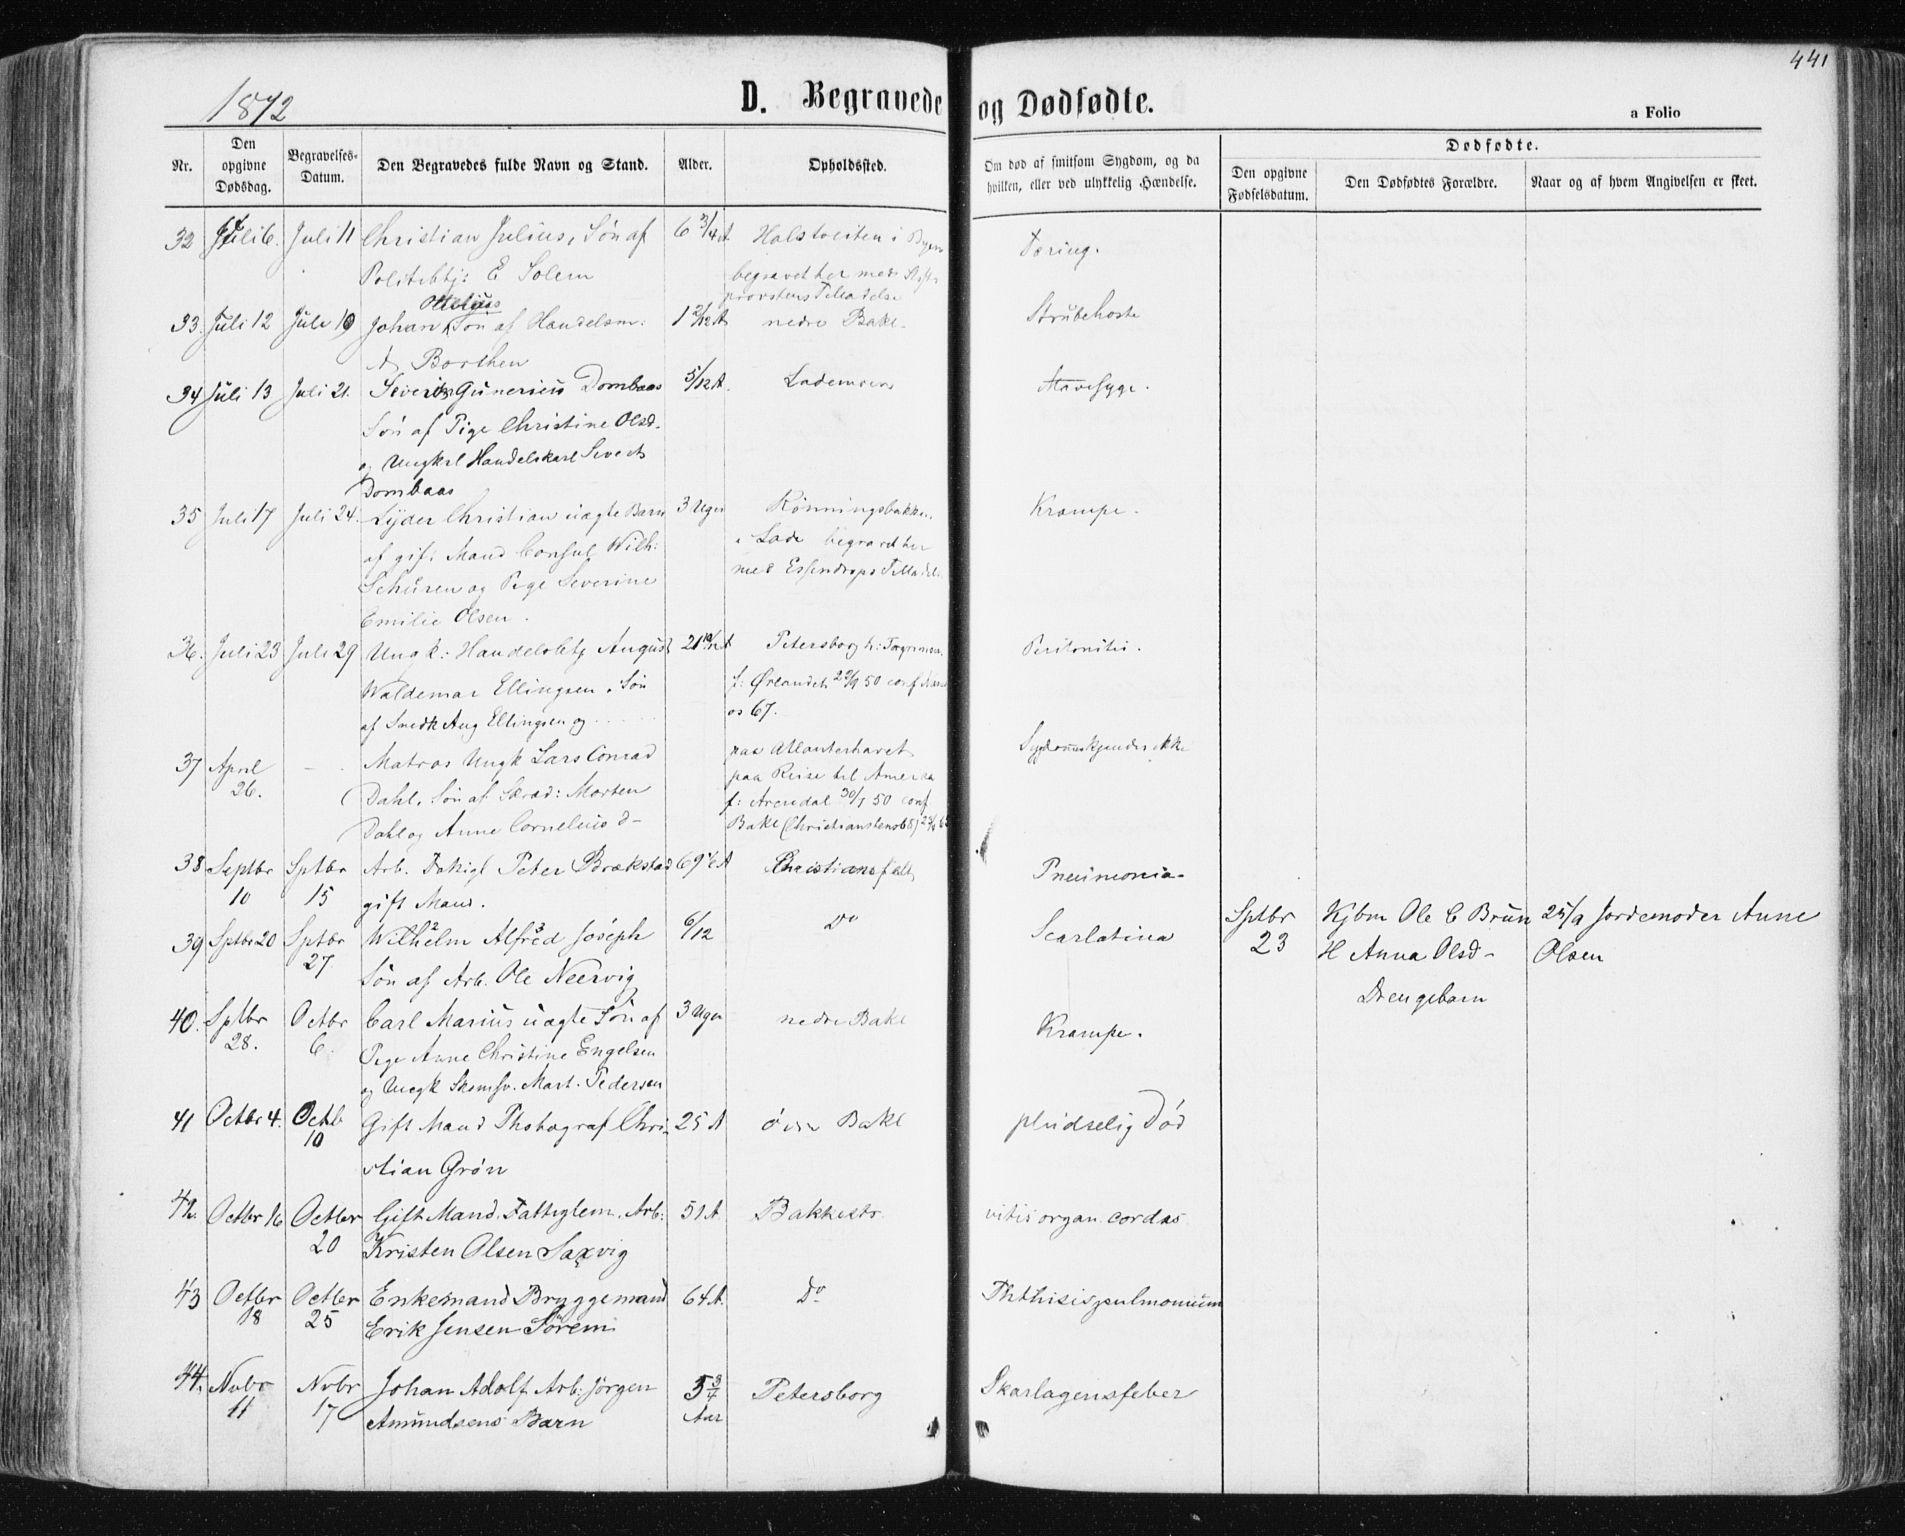 SAT, Ministerialprotokoller, klokkerbøker og fødselsregistre - Sør-Trøndelag, 604/L0186: Ministerialbok nr. 604A07, 1866-1877, s. 441